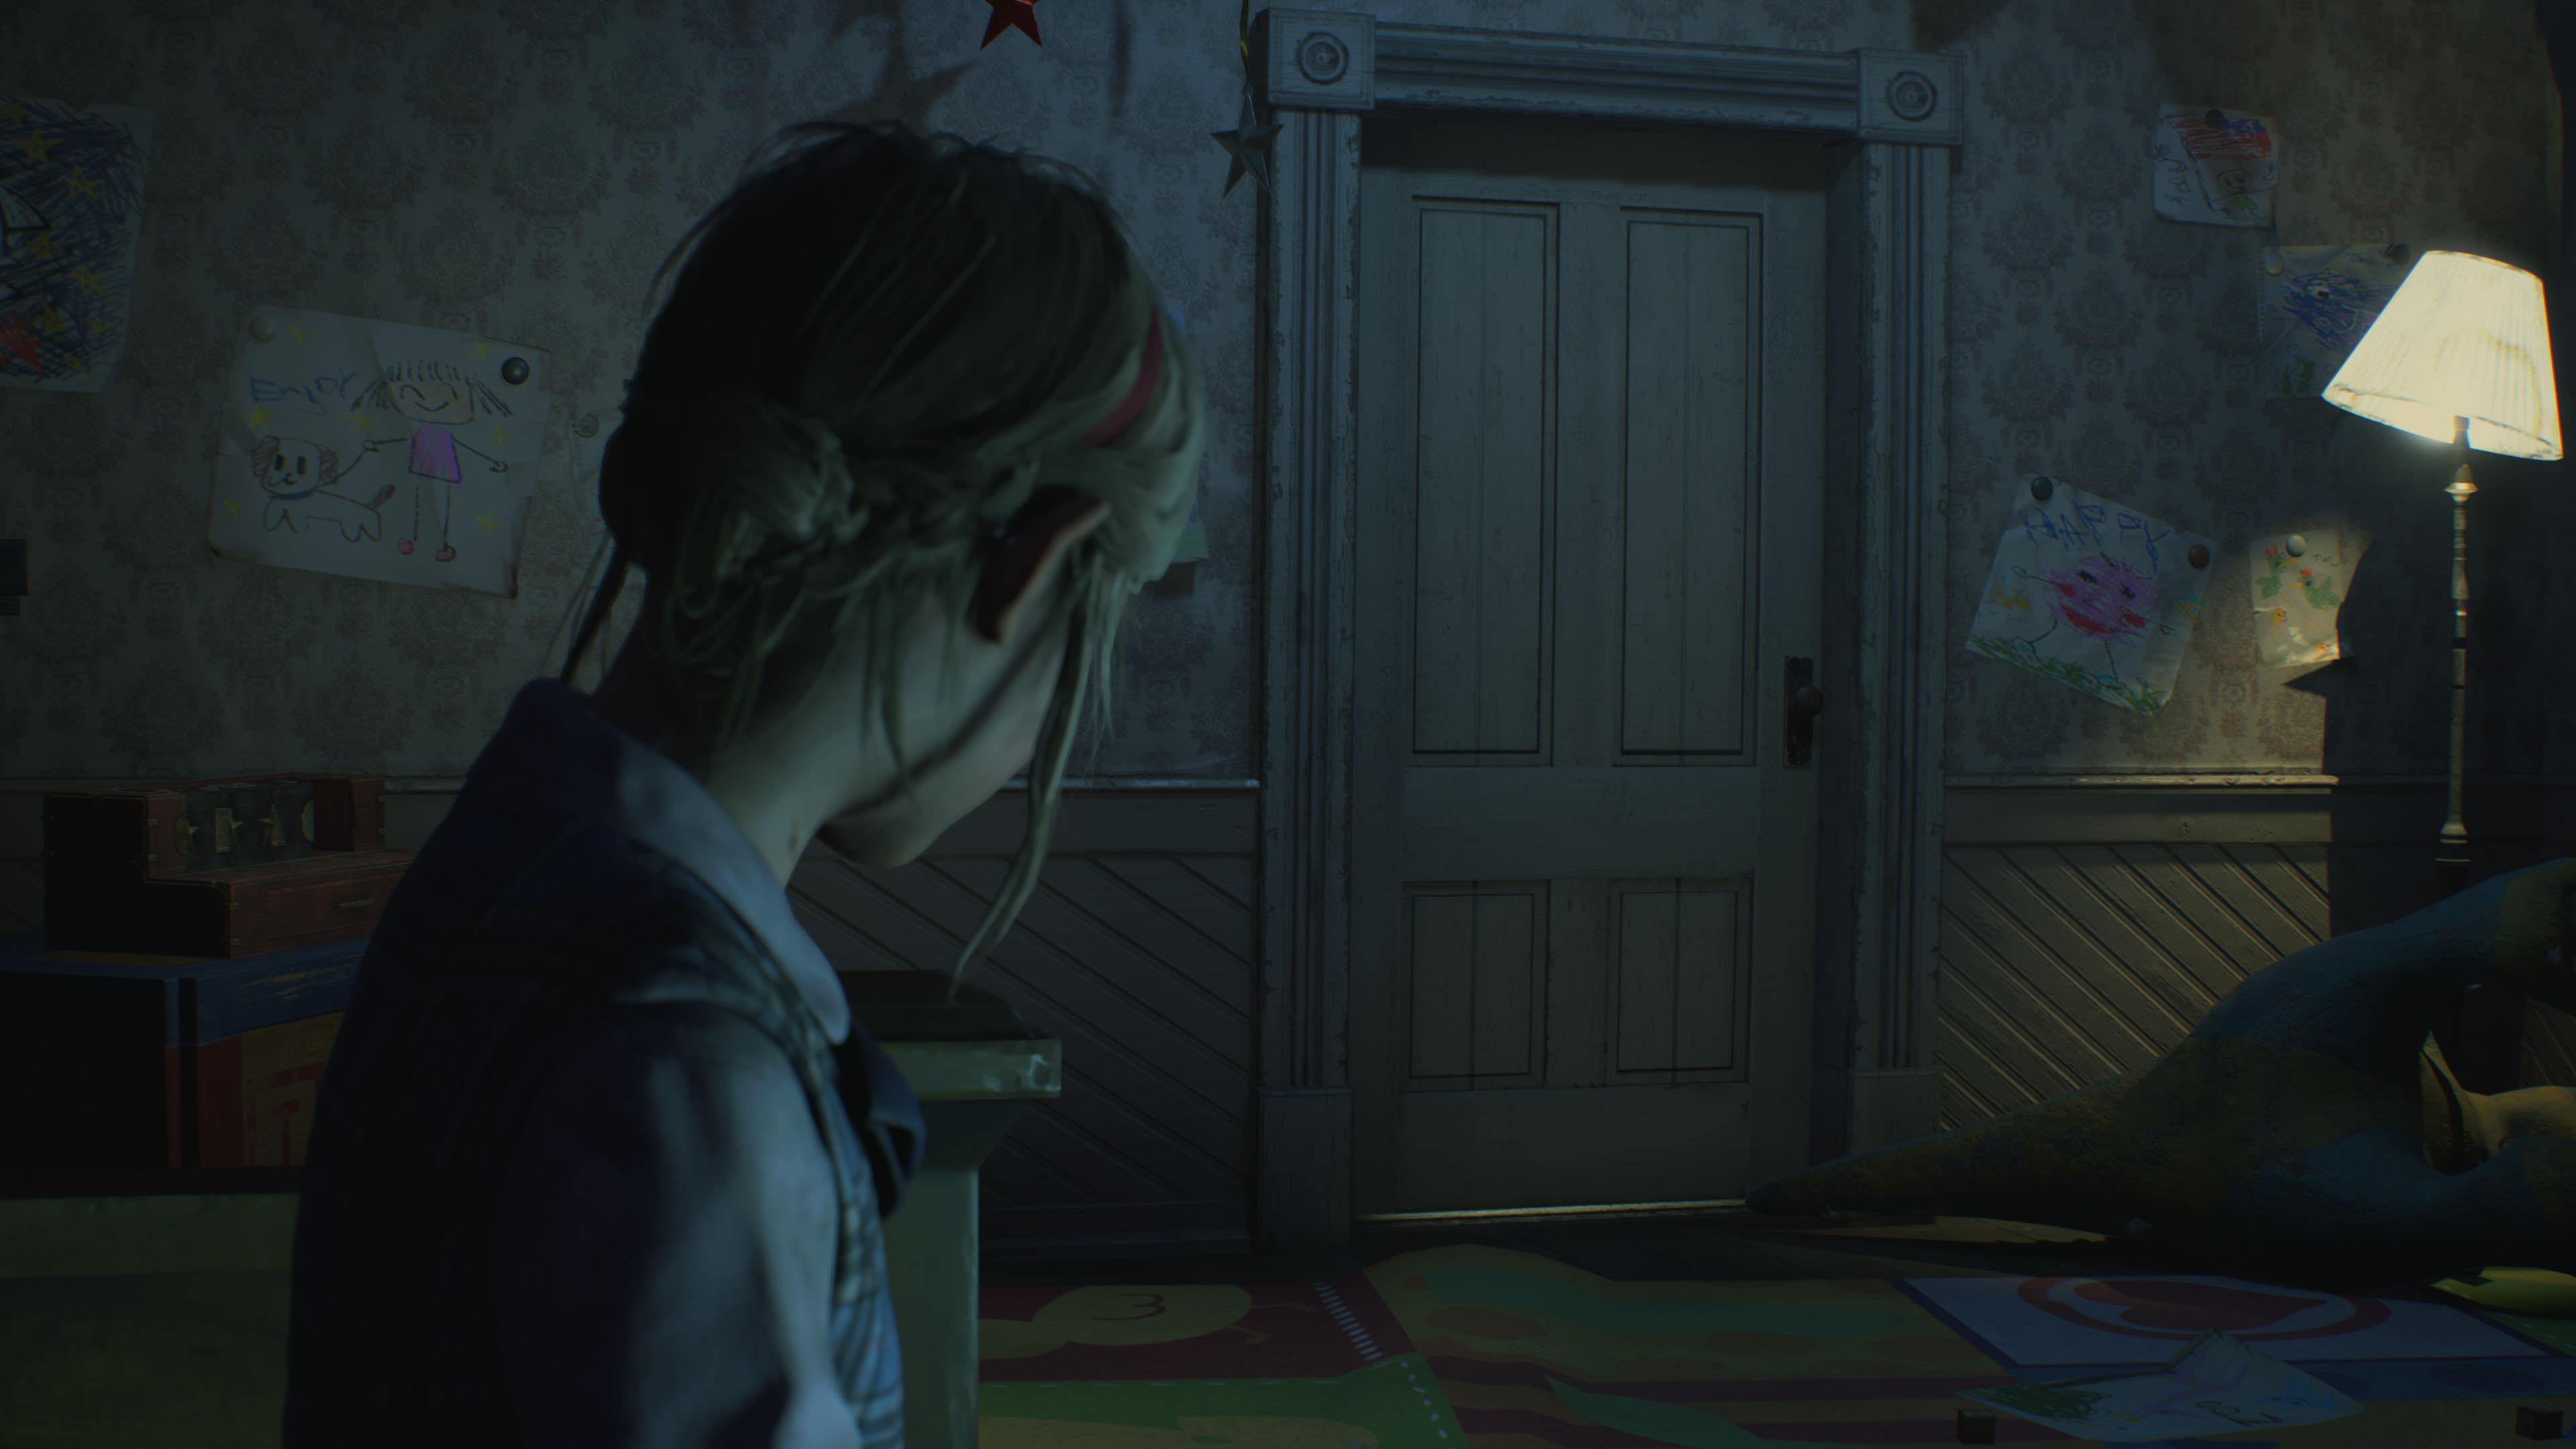 Ремейк - Resident Evil 2 4K